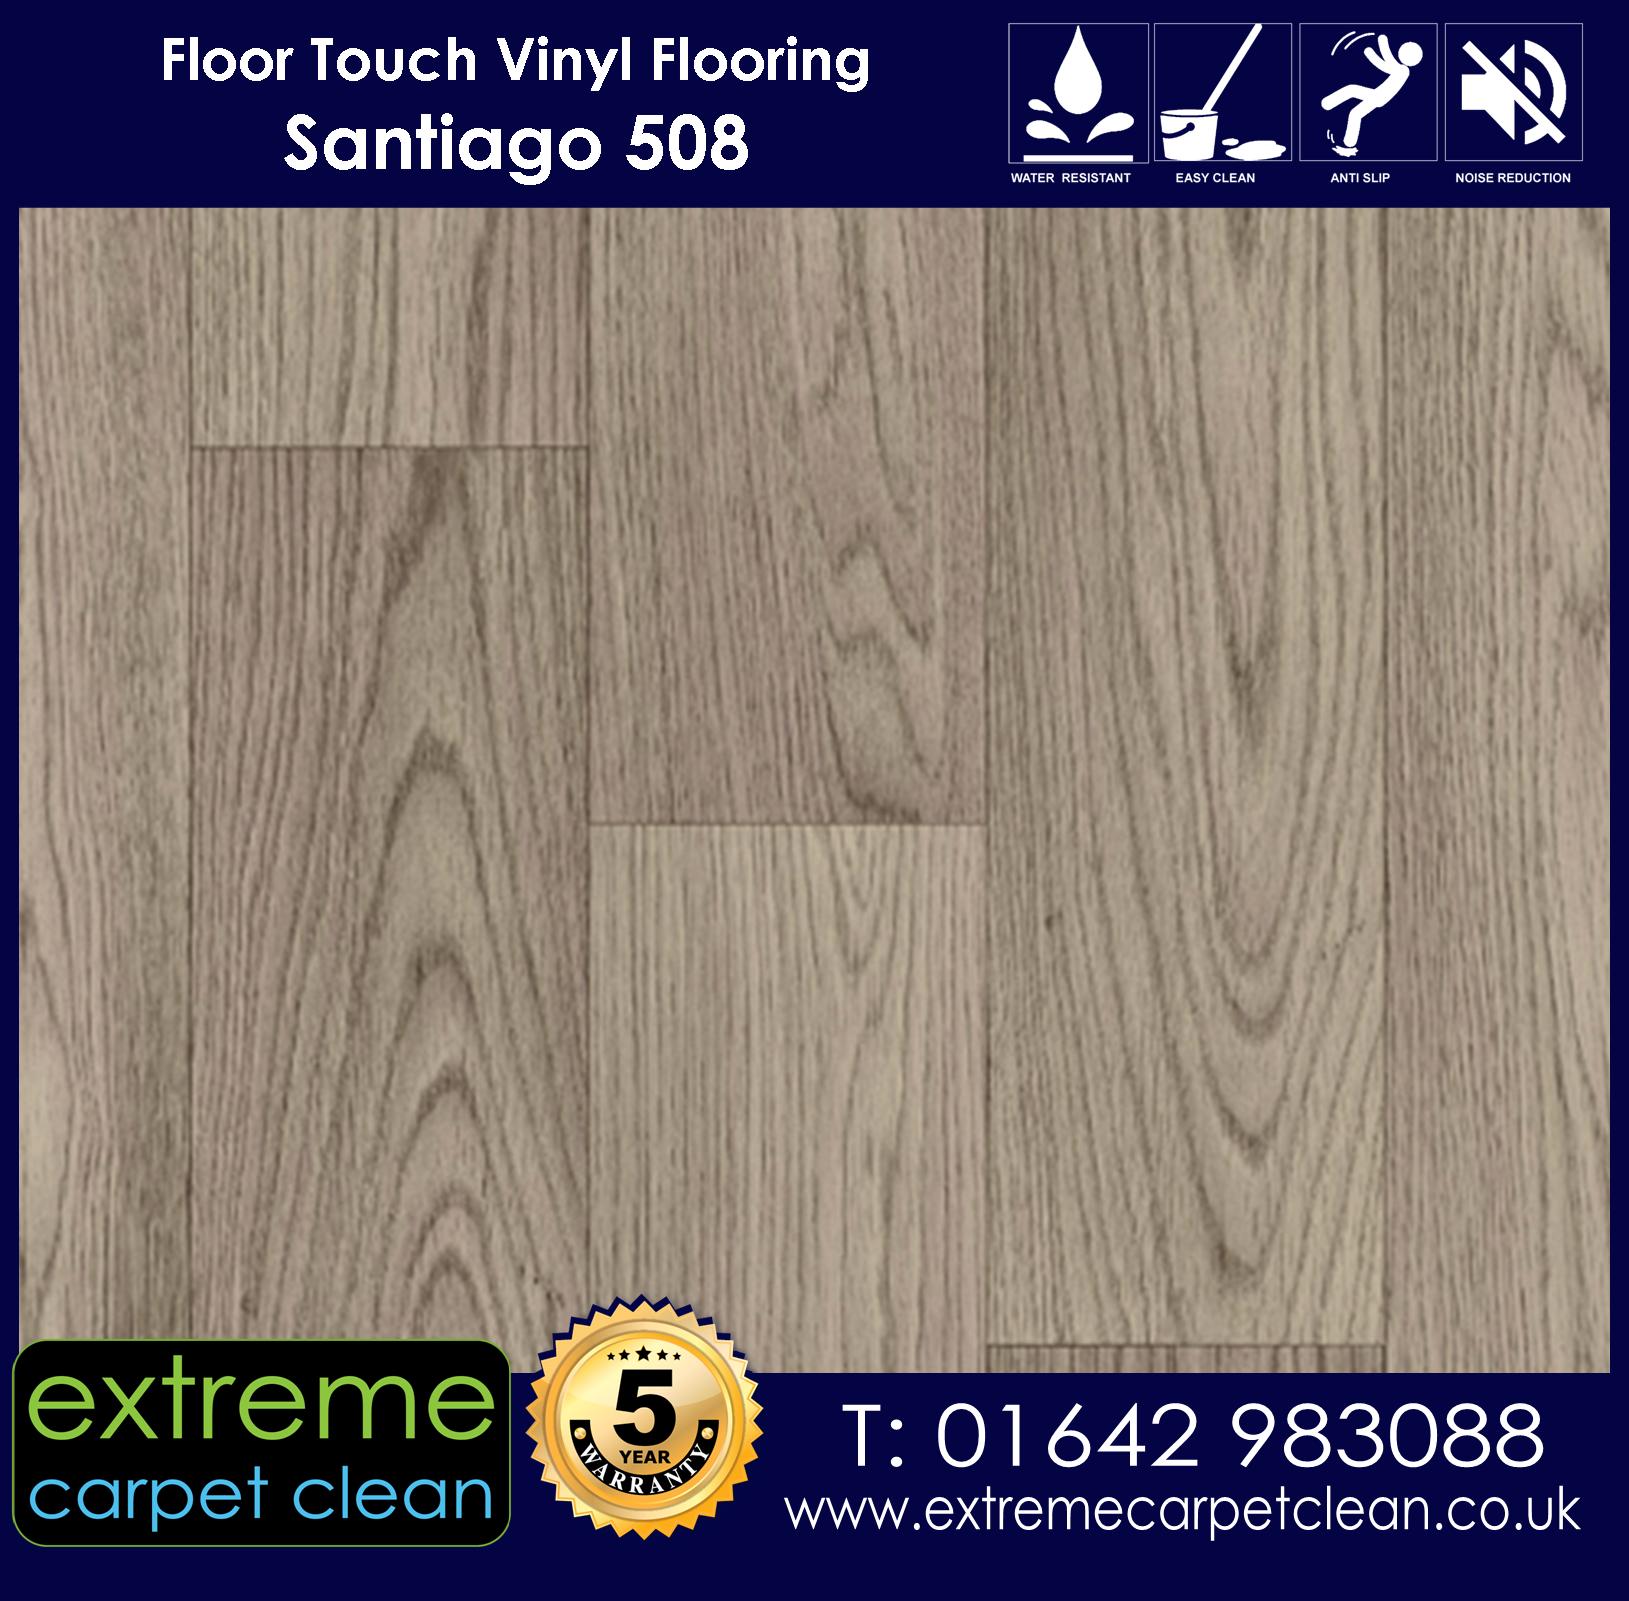 Extreme Carpet Clean. Vinyl Flooring. Santiago 508